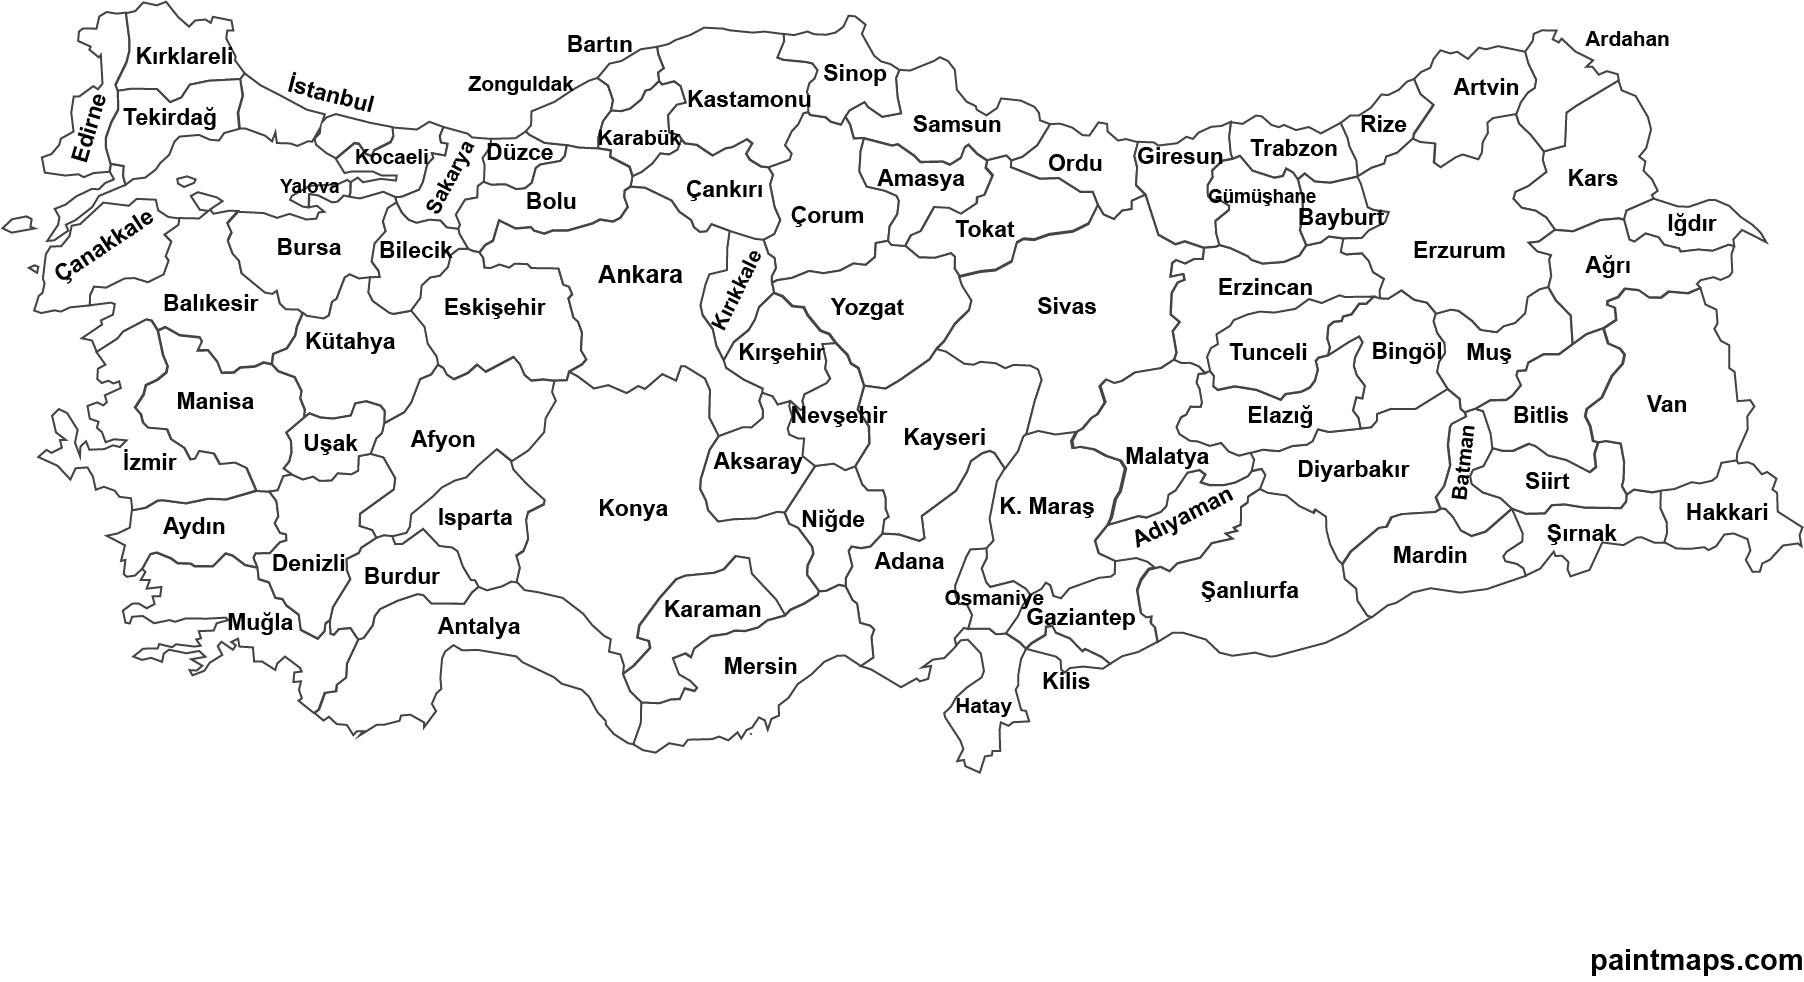 Ucretsiz Turkiye Haritasi Vektorel Eps Svg Pdf Png Adobe Illustrator 2020 Haritalar Adobe Illustrator Harita